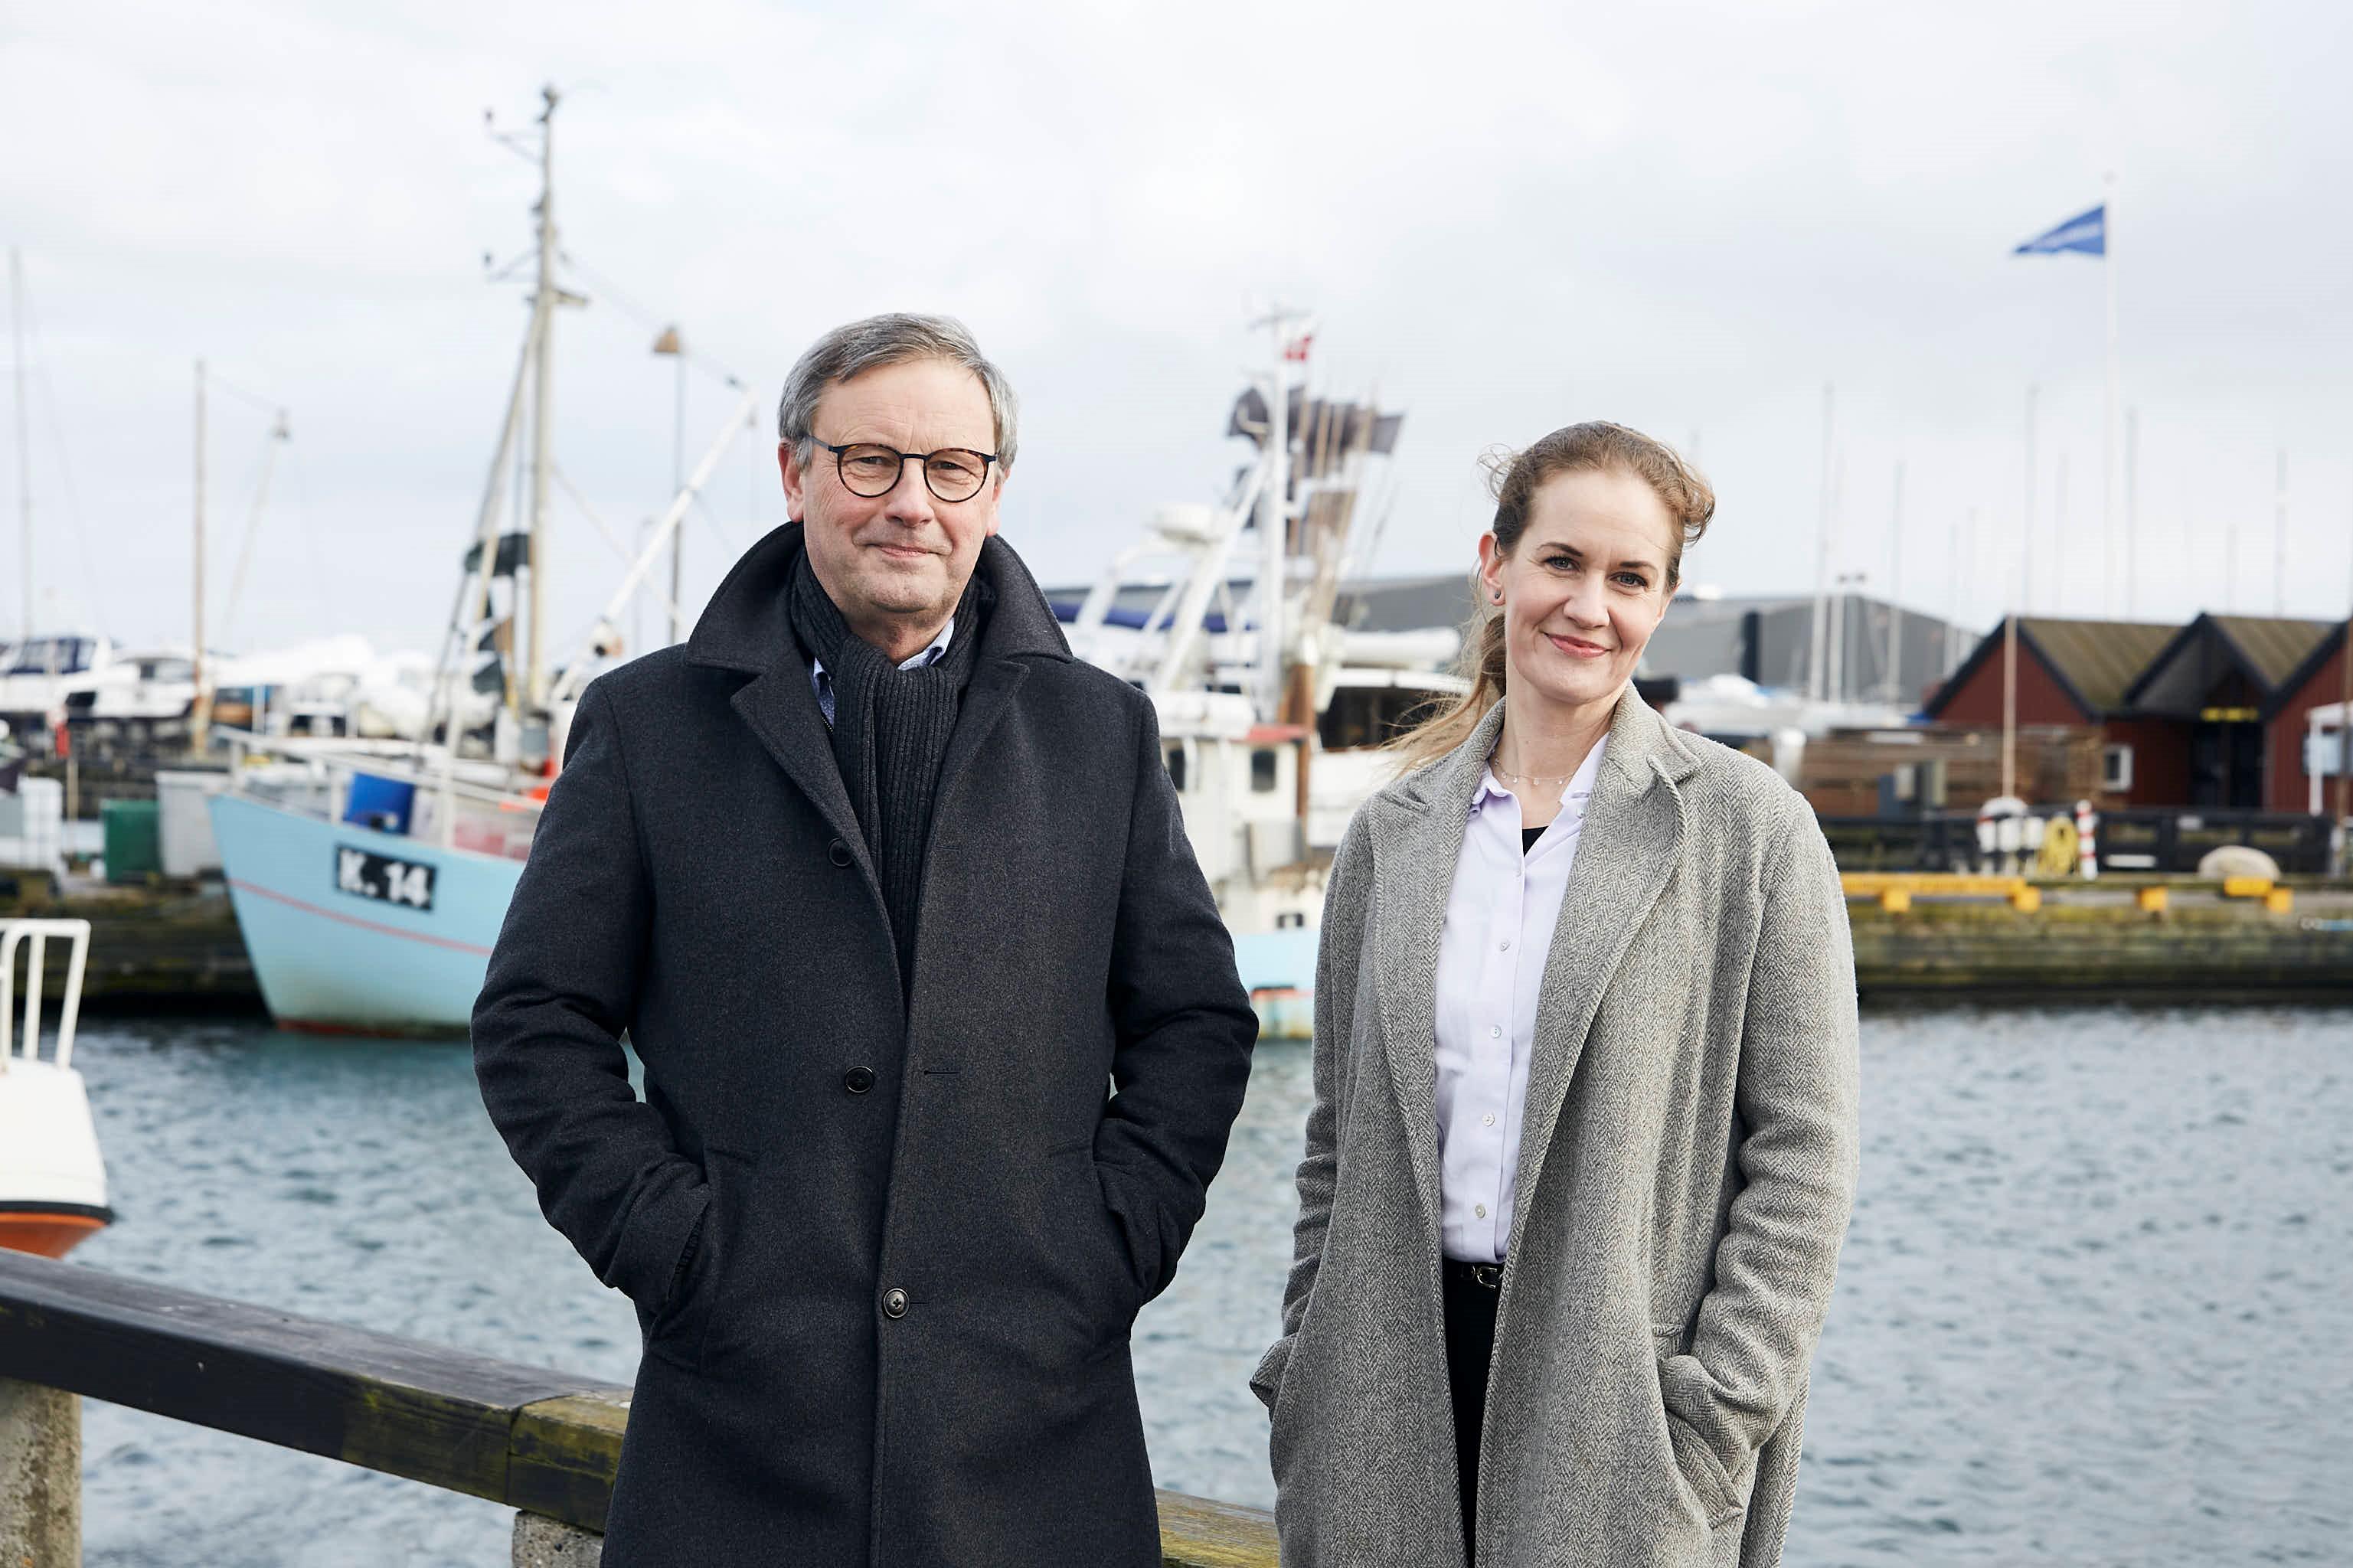 Naturforening og fiskere i historisk udspil: Vil beskytte 10 procent af havet